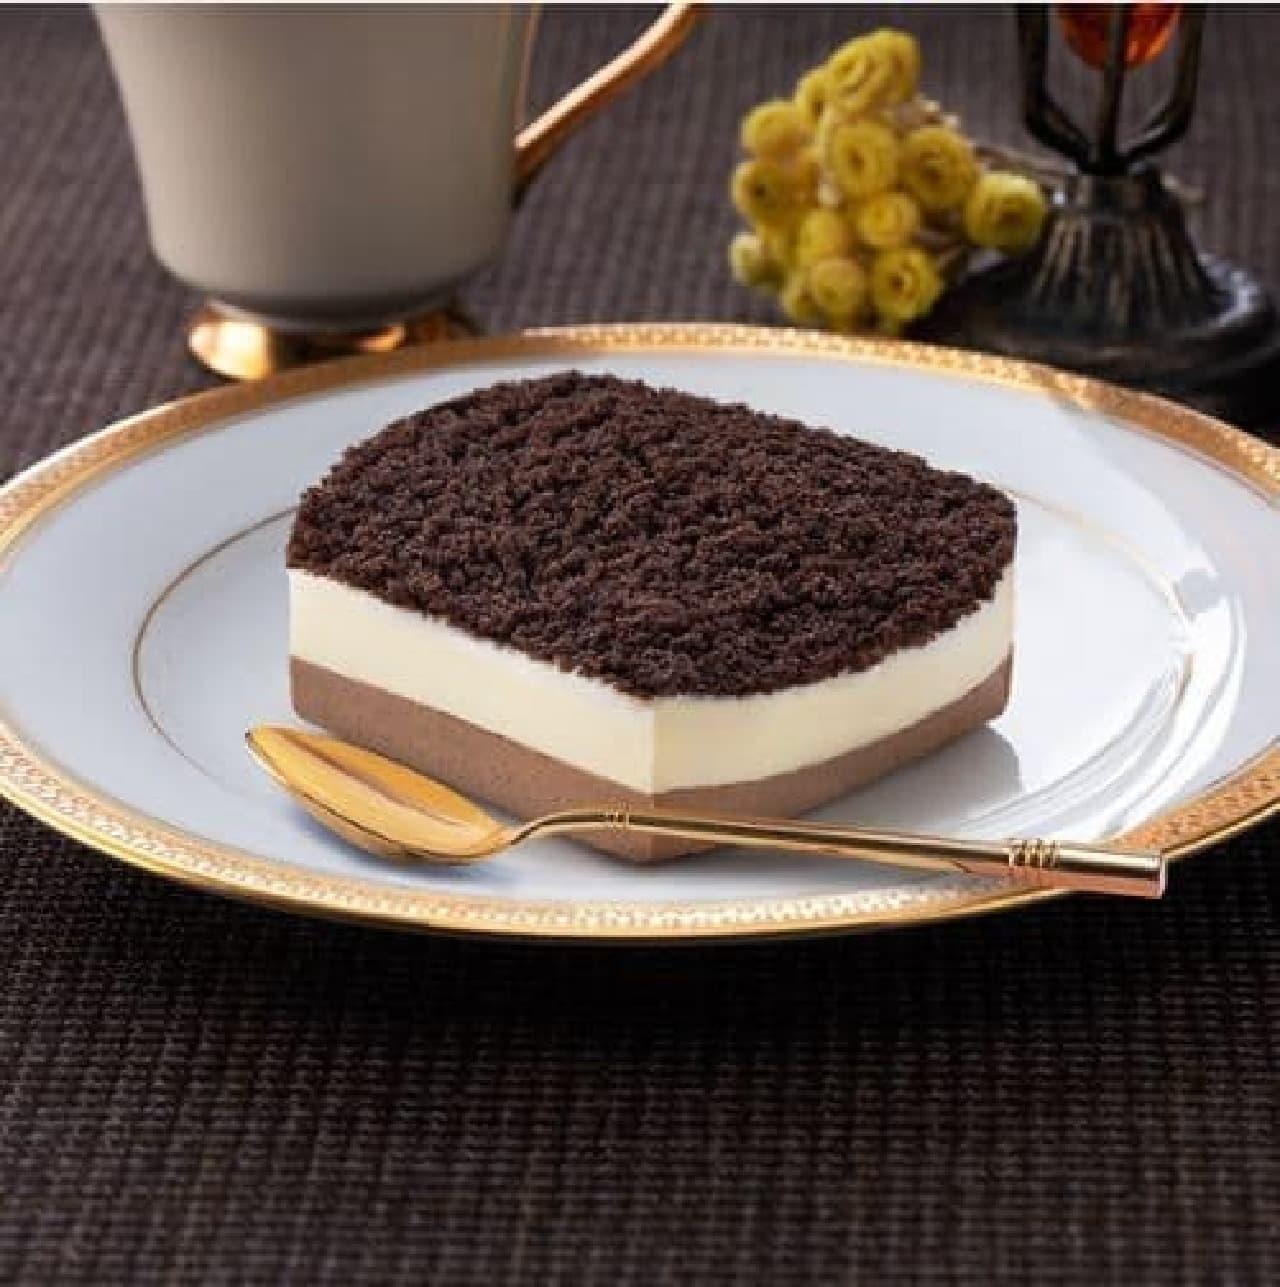 ファミリーマート「ショコラチーズケーキ」